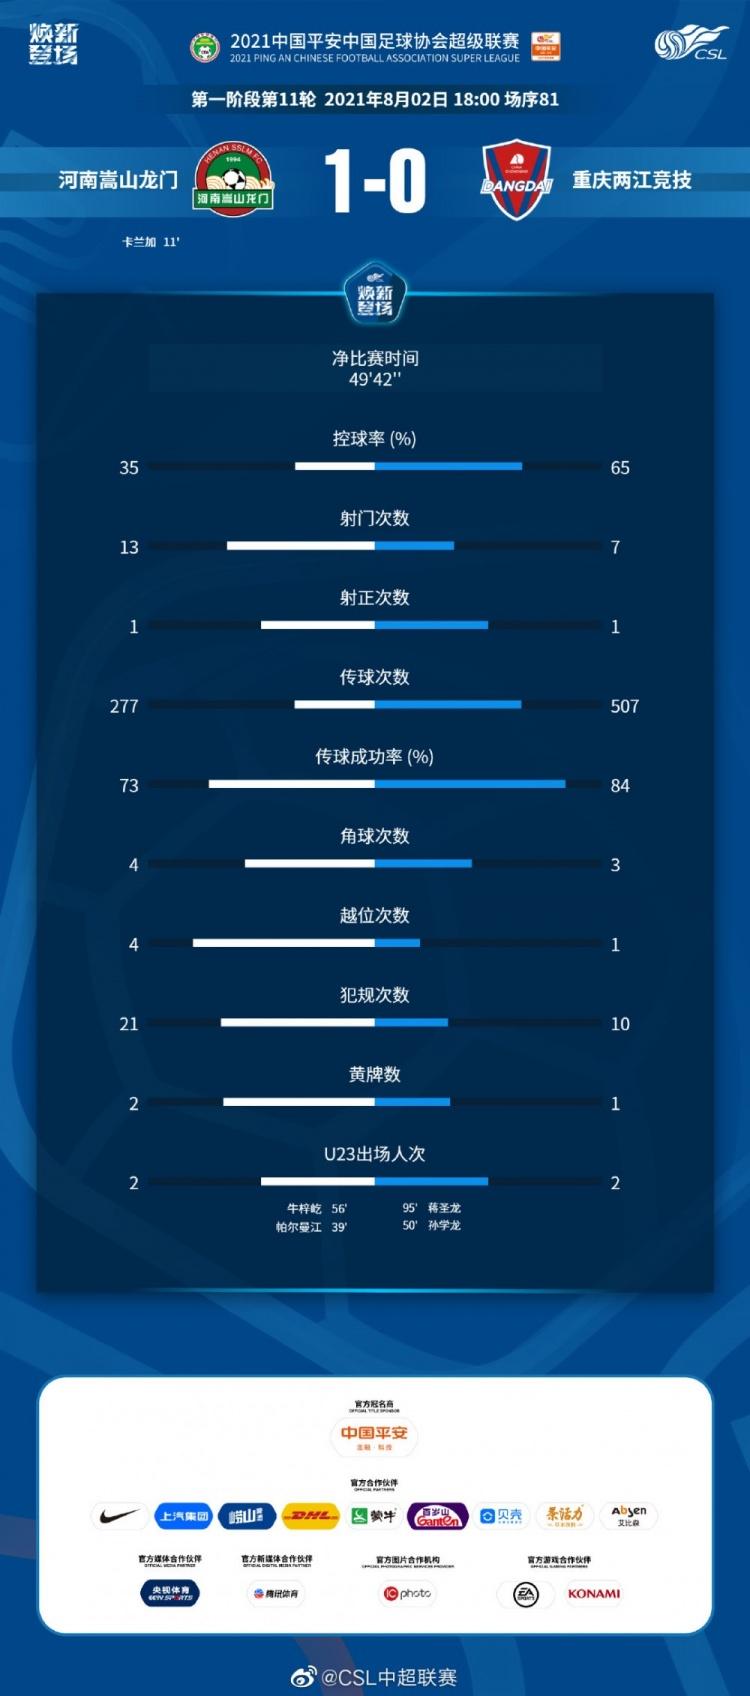 统计:河南鲁山龙门三成获球 反击战术取得成效